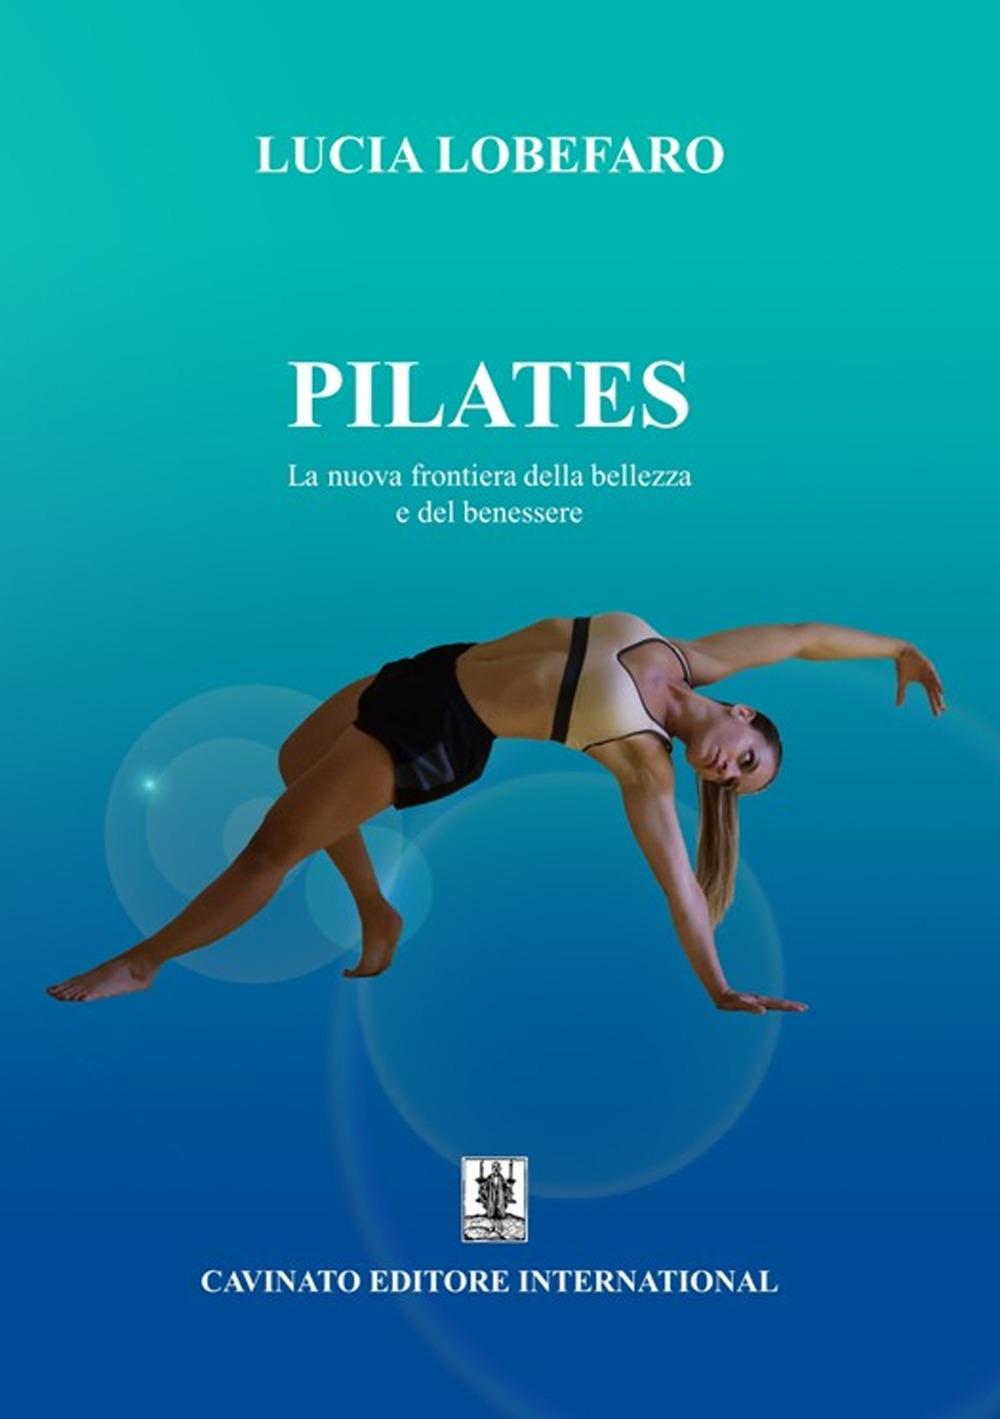 Pilates. La nuova frontiera della bellezza e del benessere.